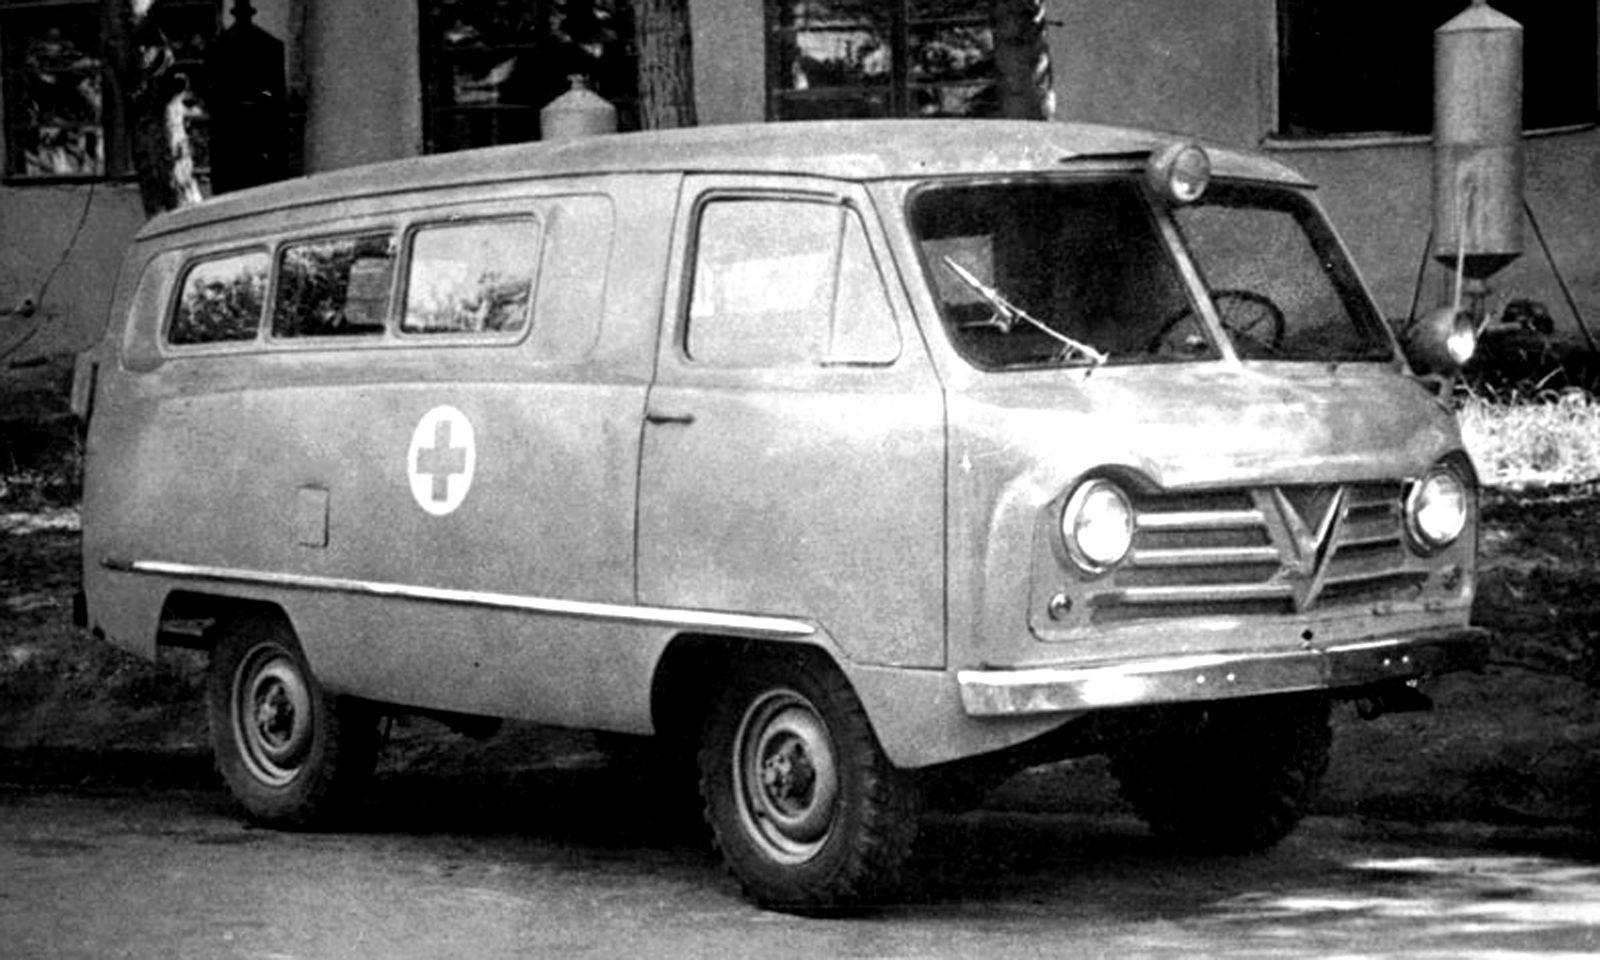 Автомобили из зоны риска: незаметные санитарные машины Советских вооруженных сил